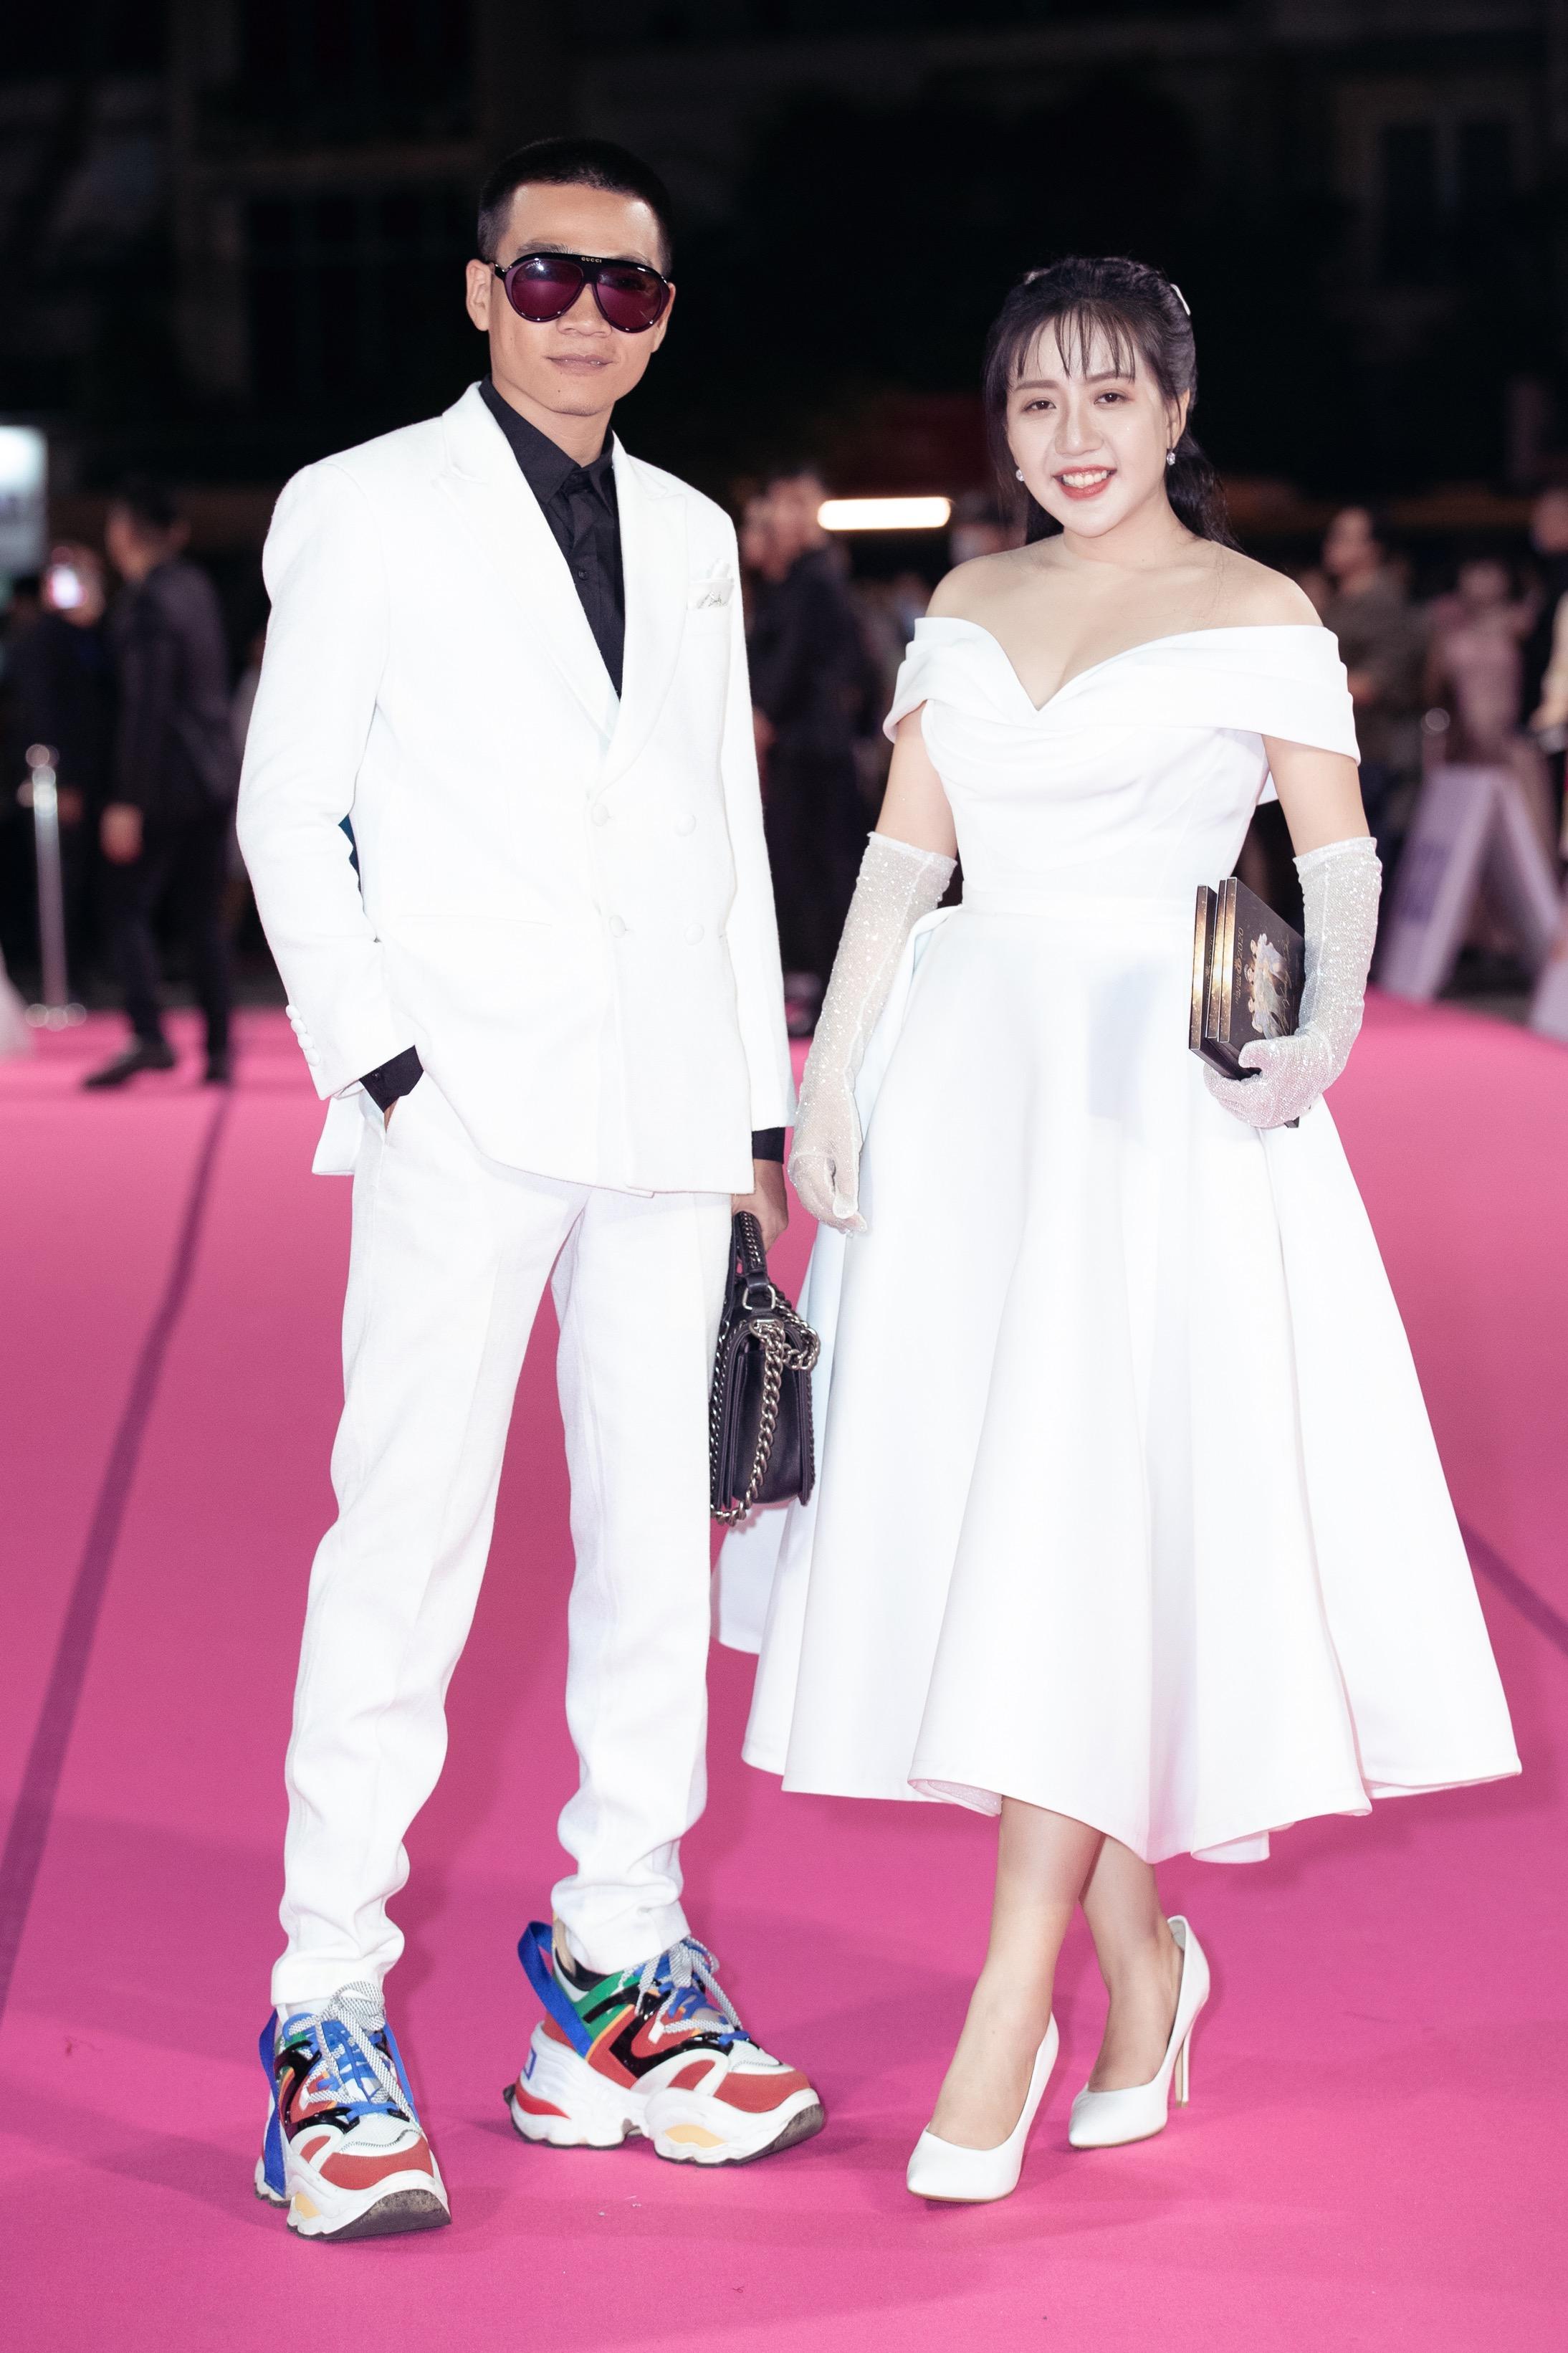 Wowy xuất hiện bảnh bao trên thảm đỏ chung kết Hoa hậu Việt Nam 2020.